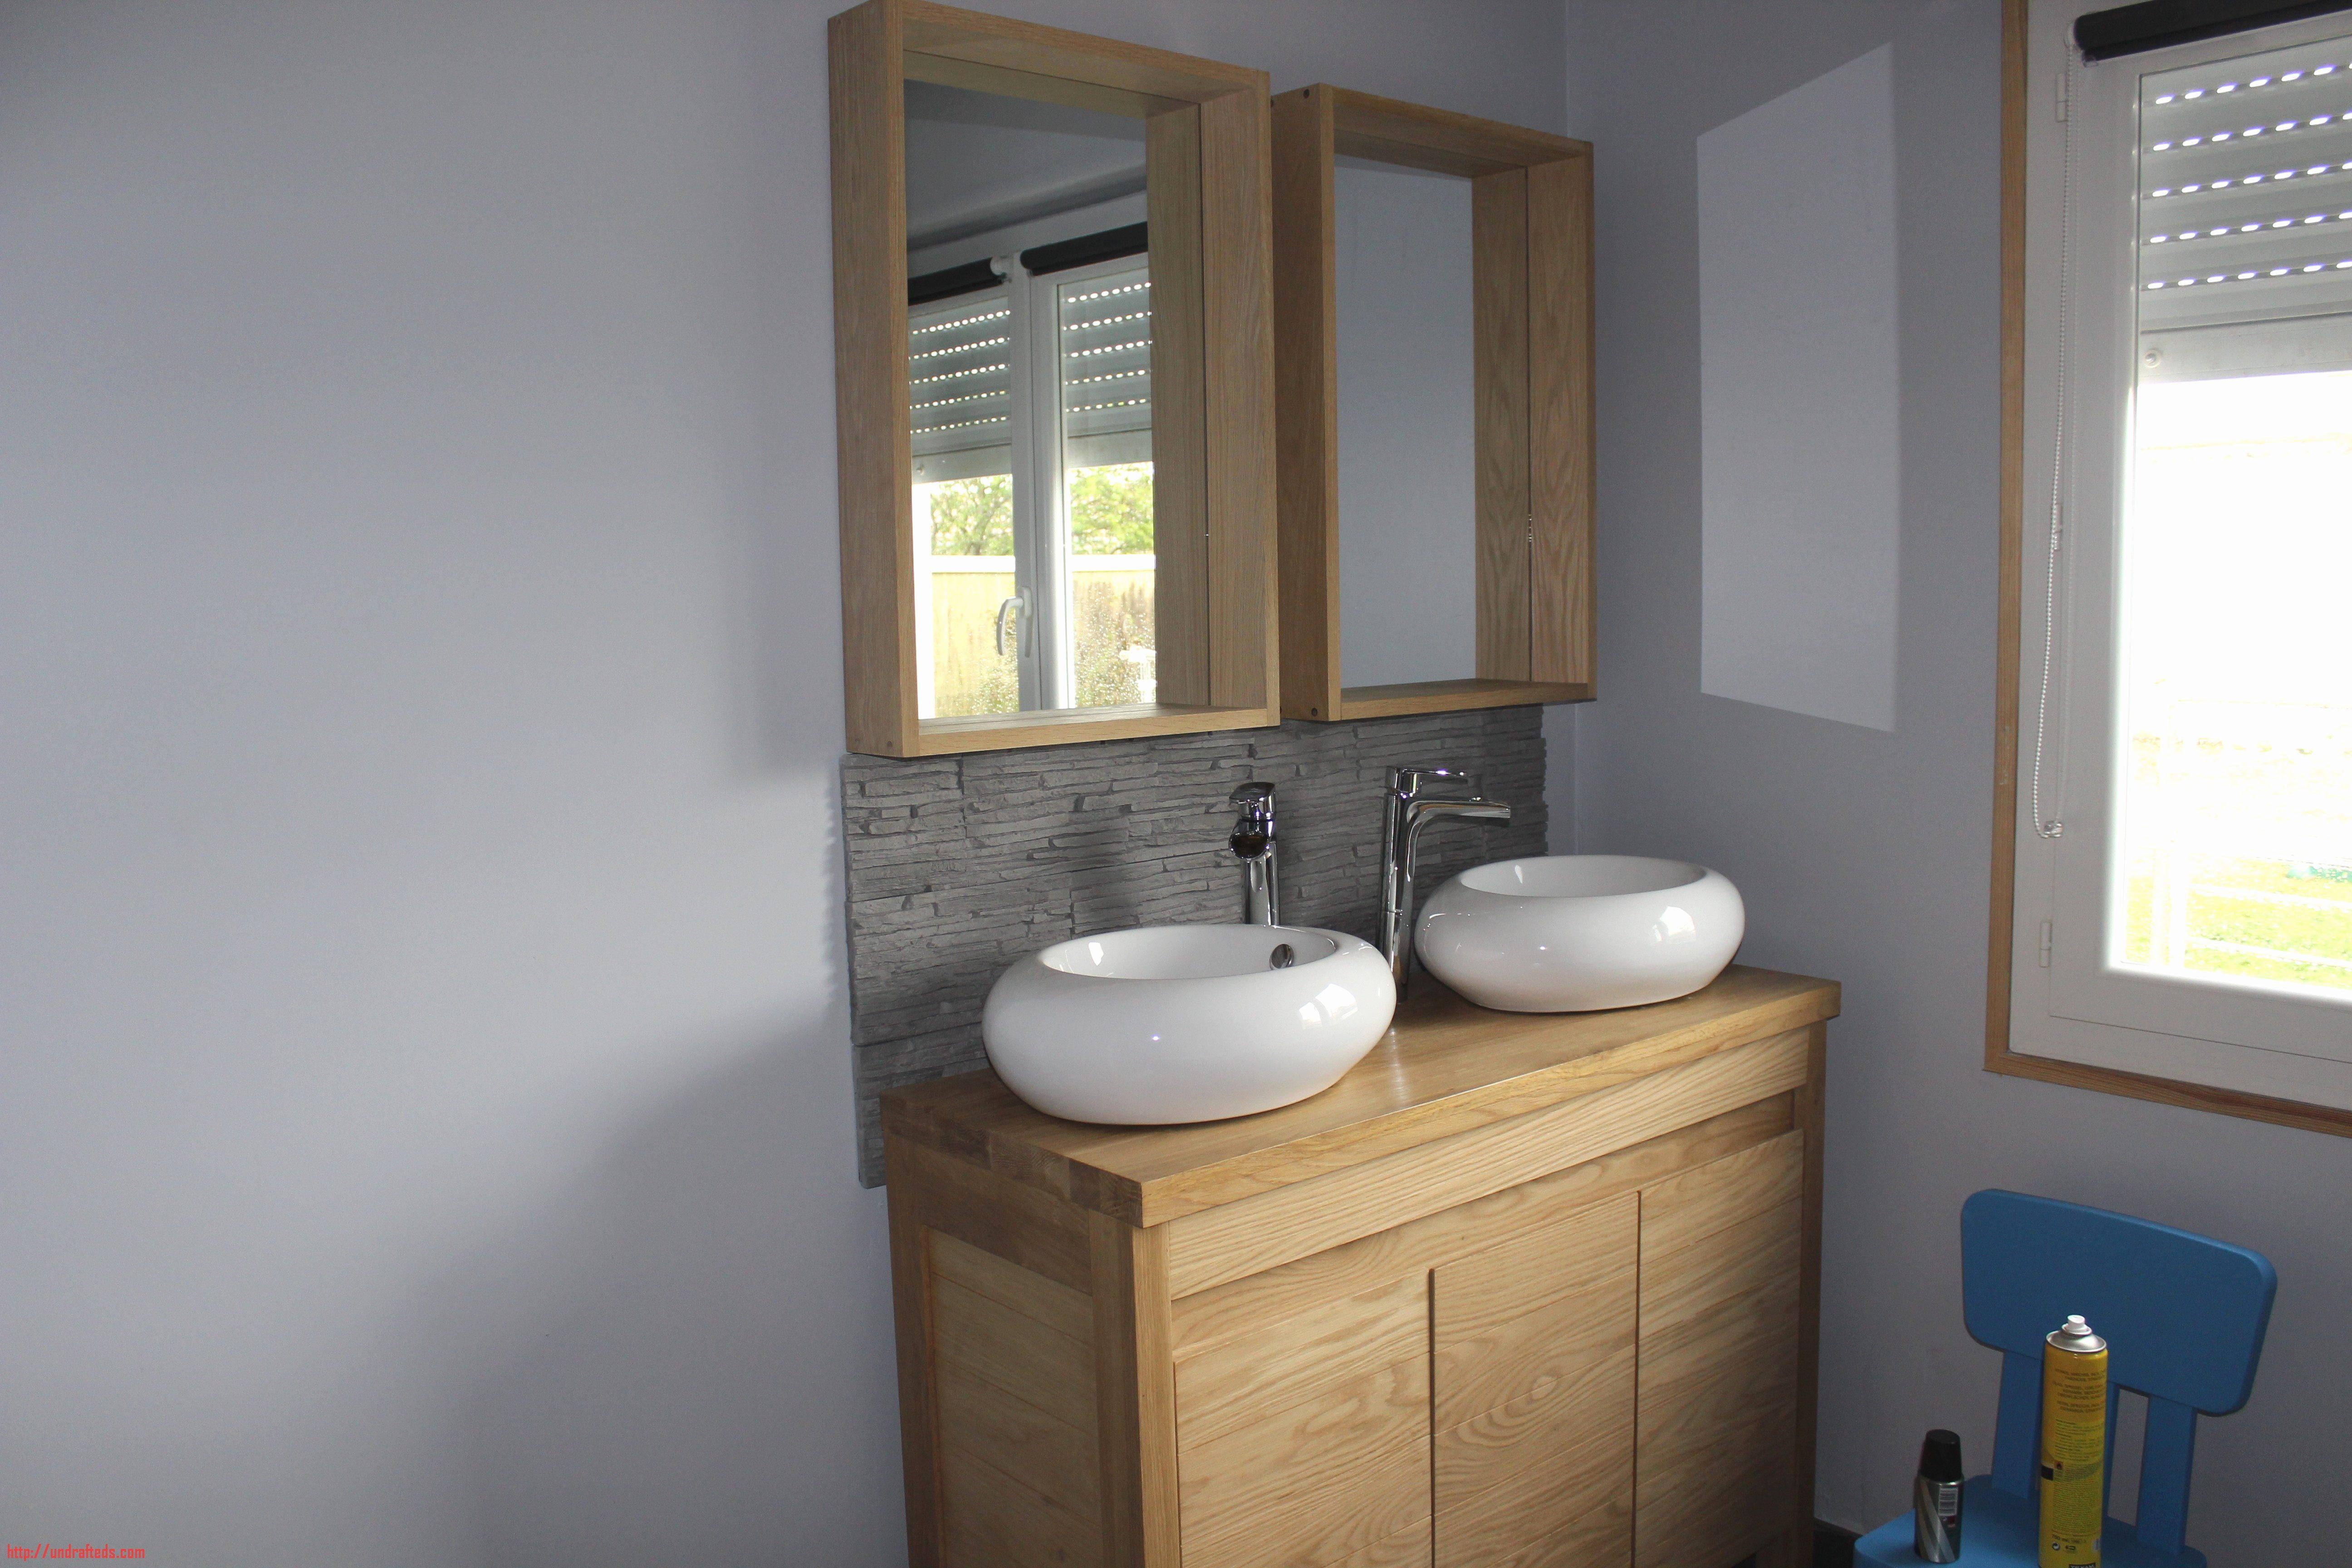 Meuble sous Vasque Salle De Bain Brico Depot Luxe Image Meuble sous Vasque Brico Depot Le Luxe Lavabo Brico Depot Simple